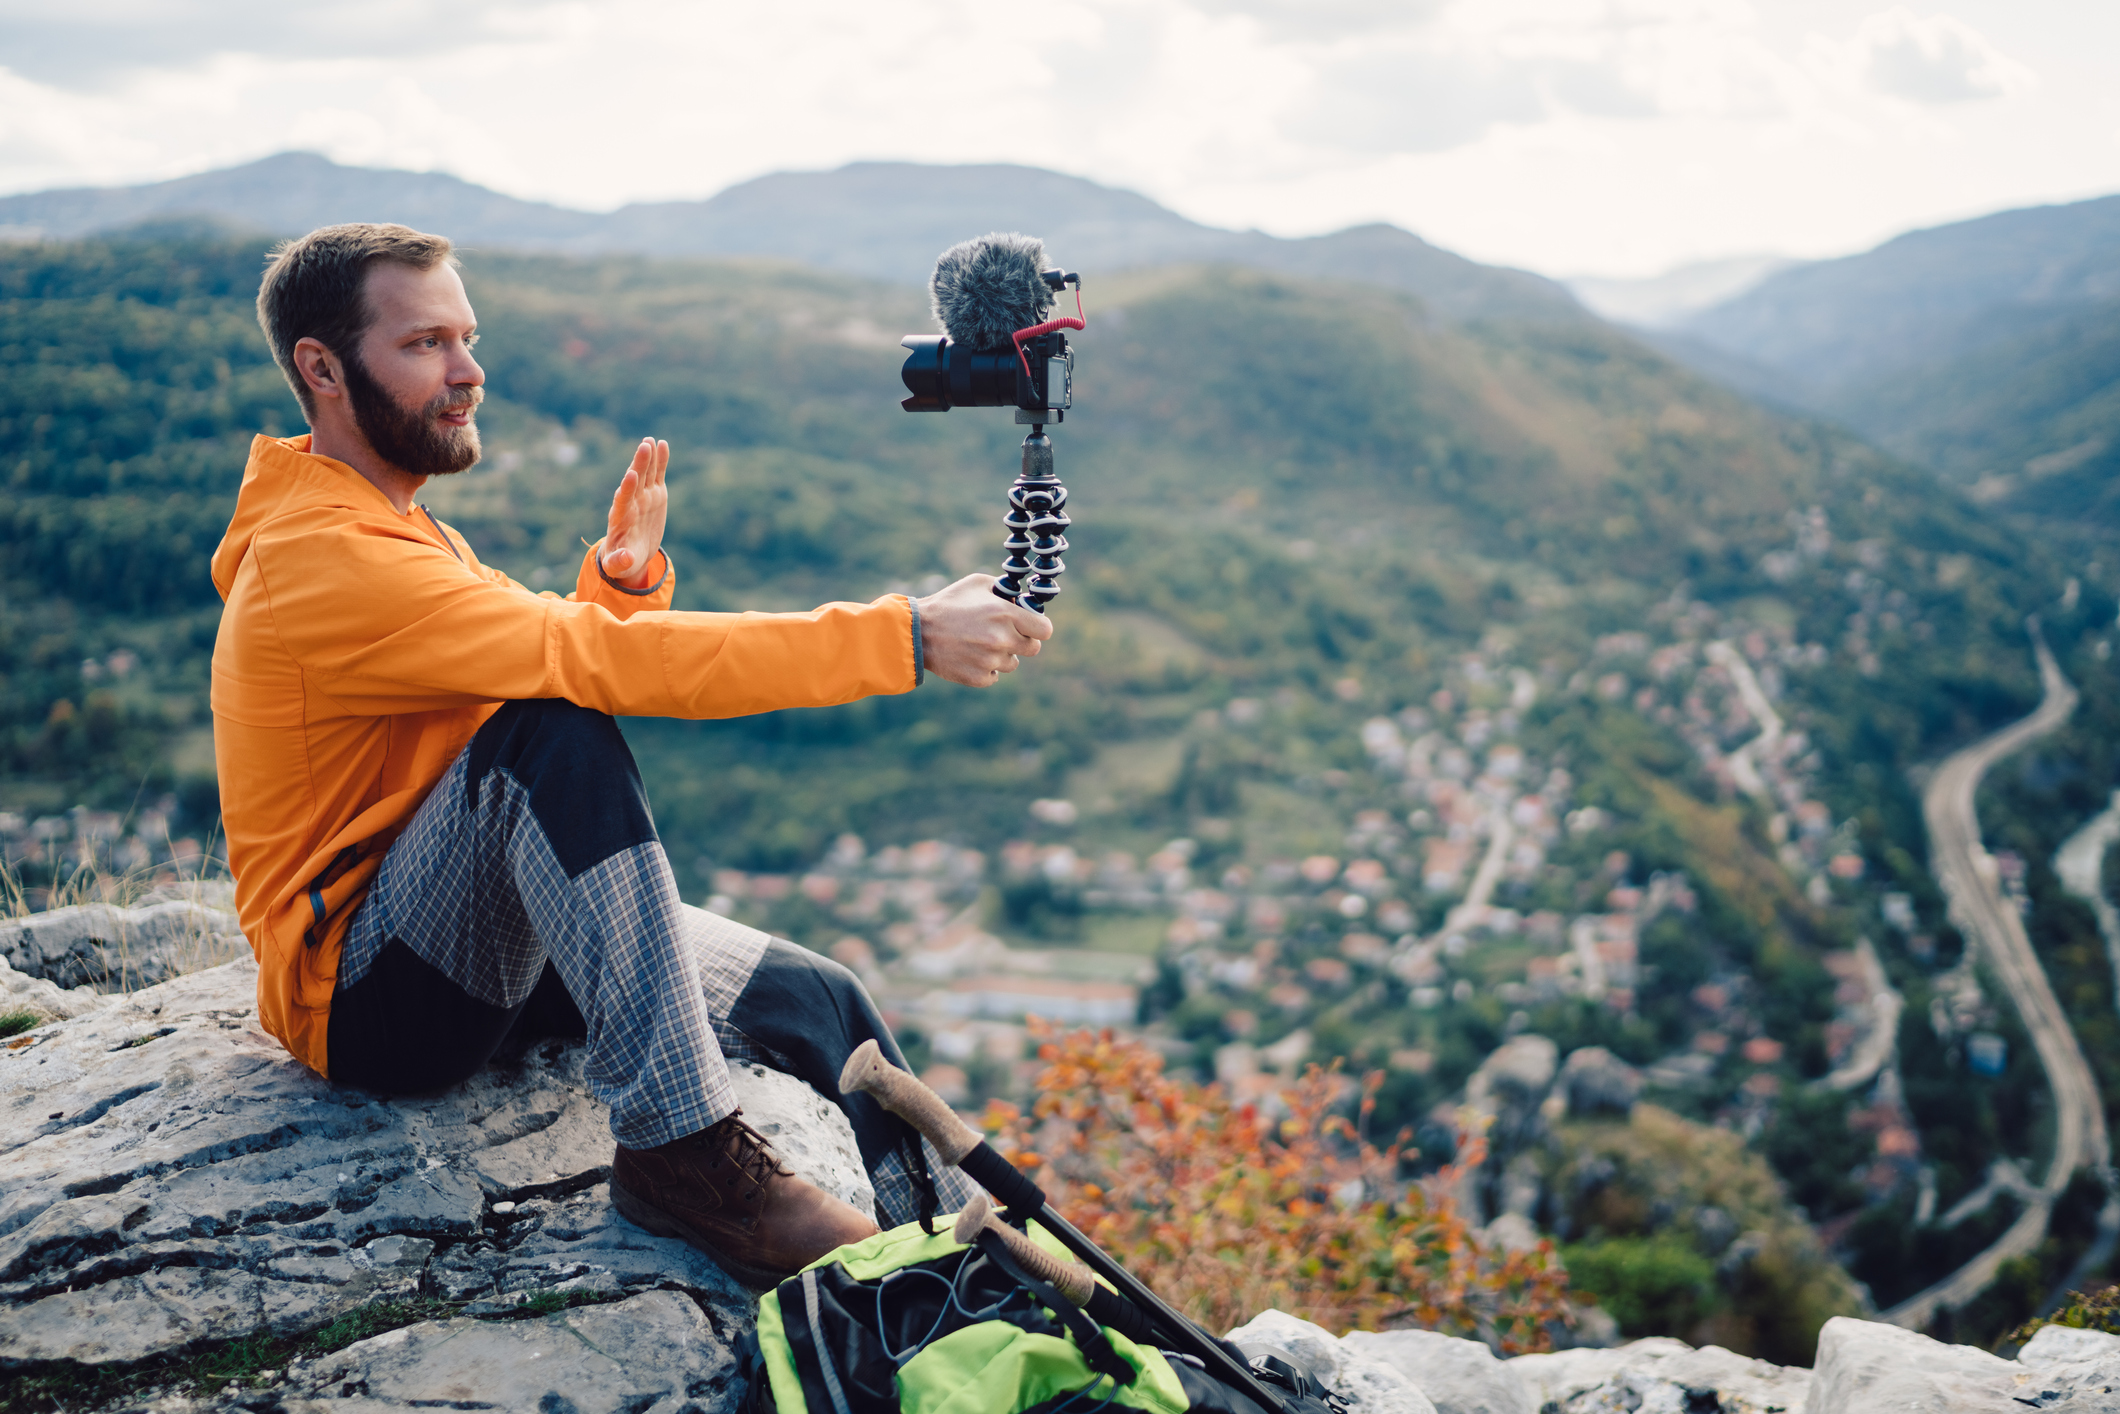 2019 Top Cameras for Vlogging